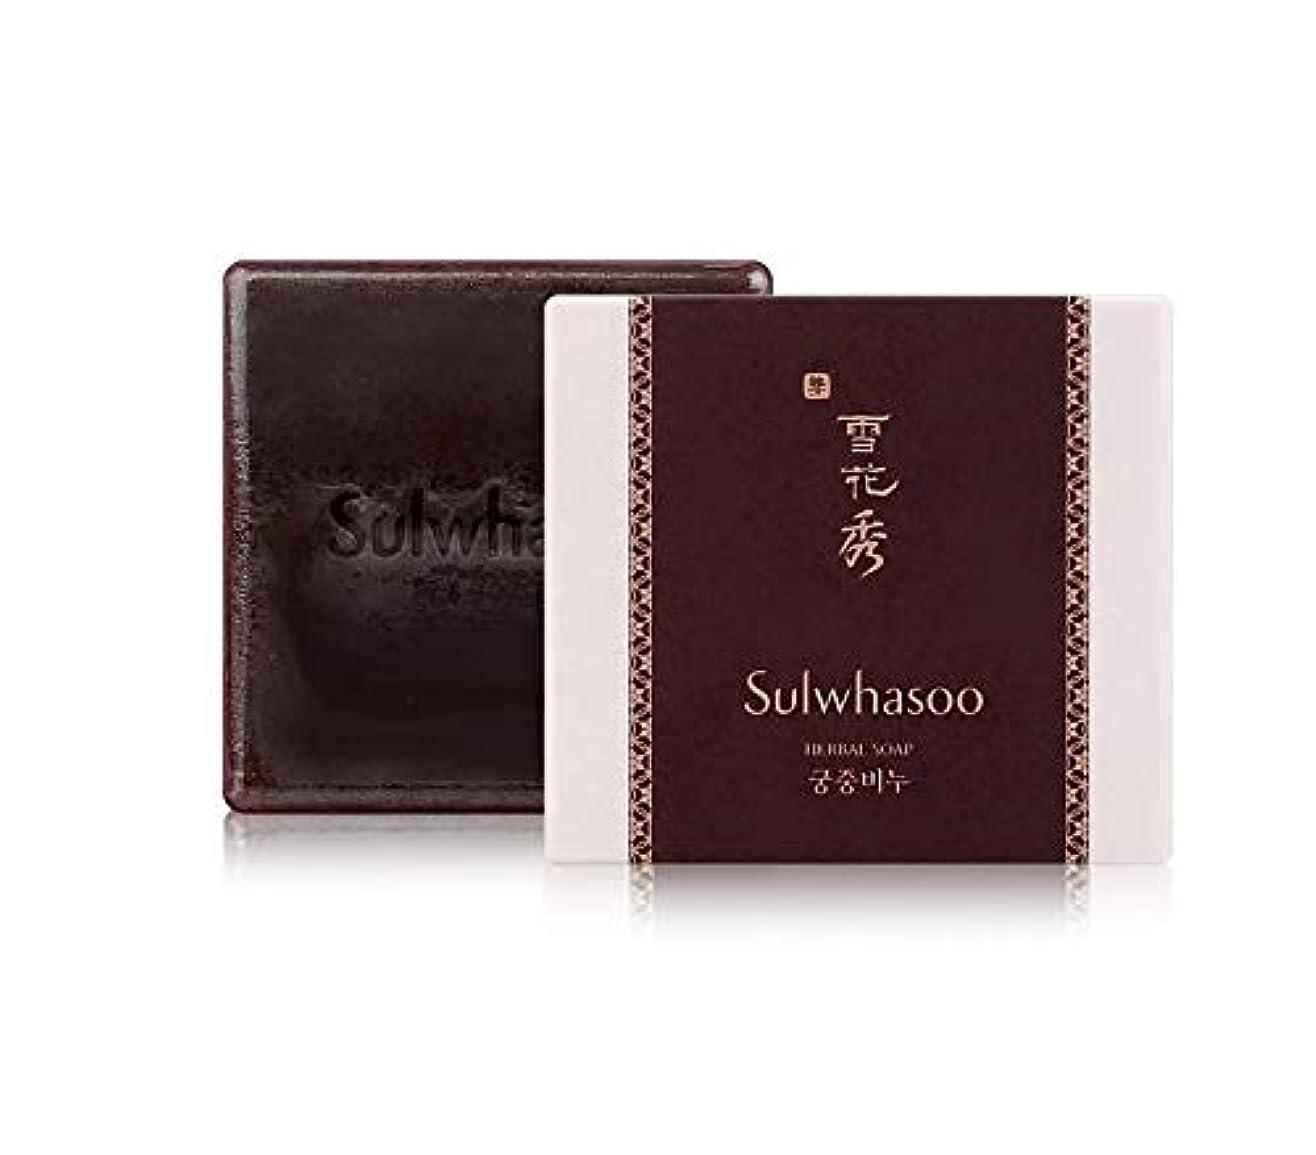 髄シニス眠る[雪花秀] SULWHASOO HERBAL SOAP 宮中石鹸 (韩国正品)